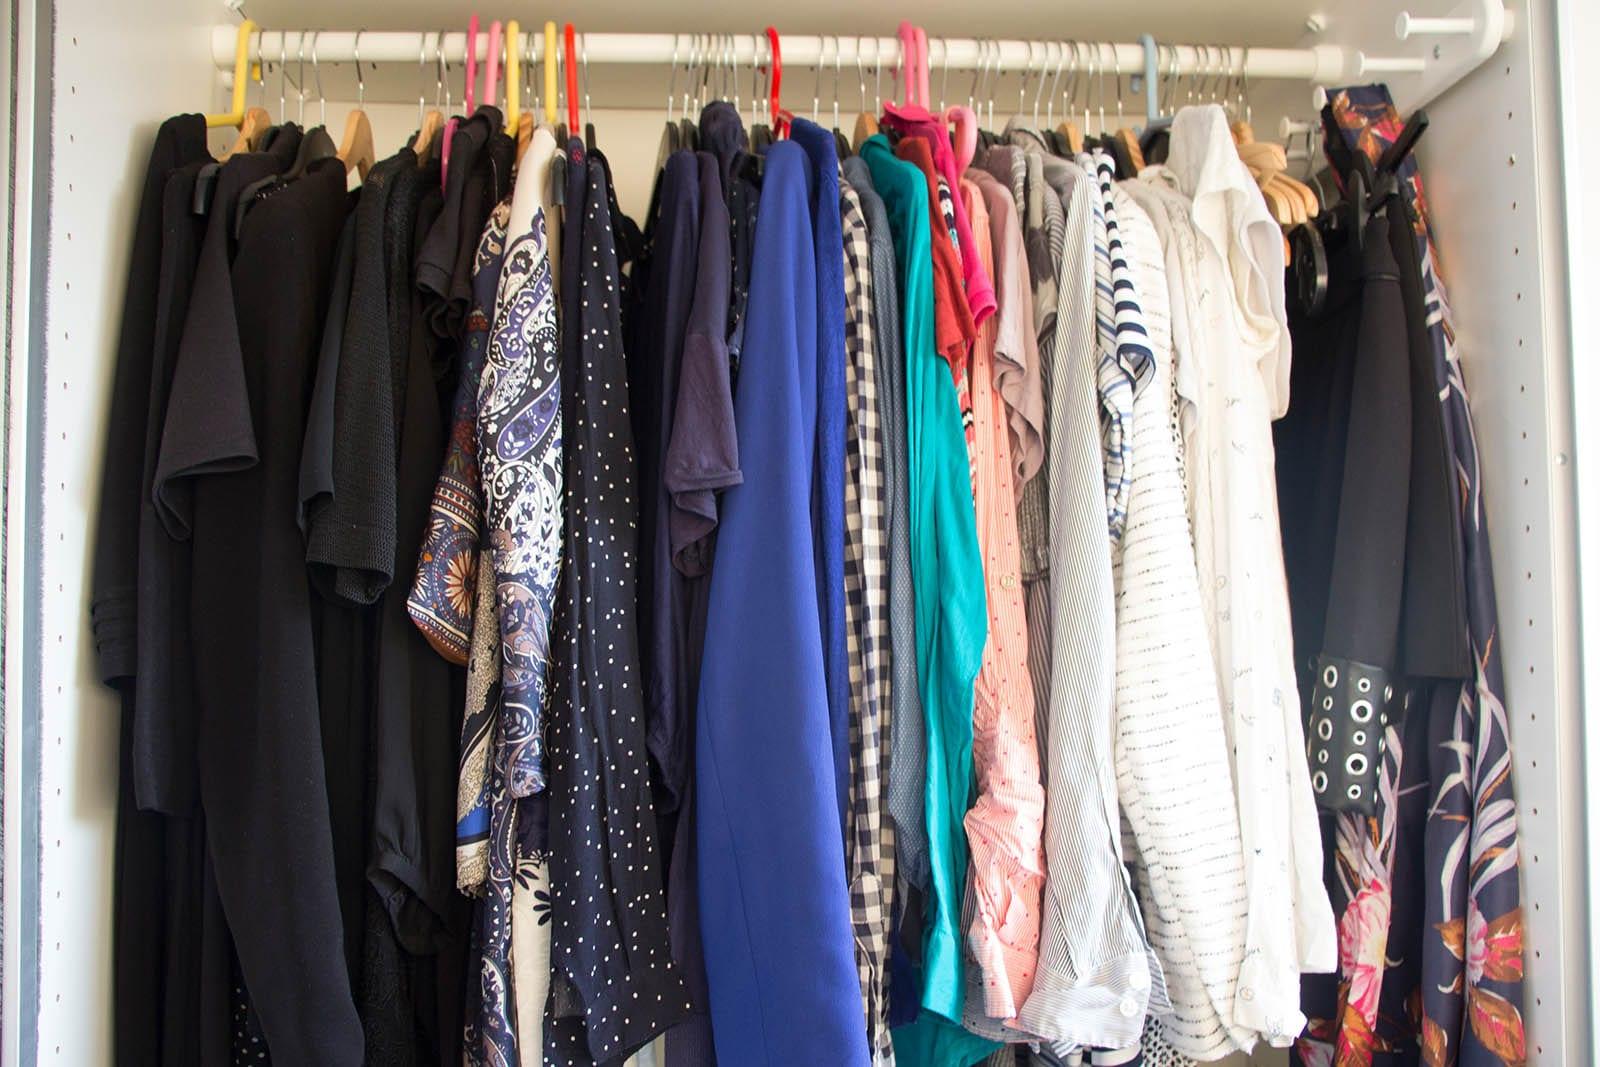 Richtig ausmisten Tipps – der Kleiderschrank danach